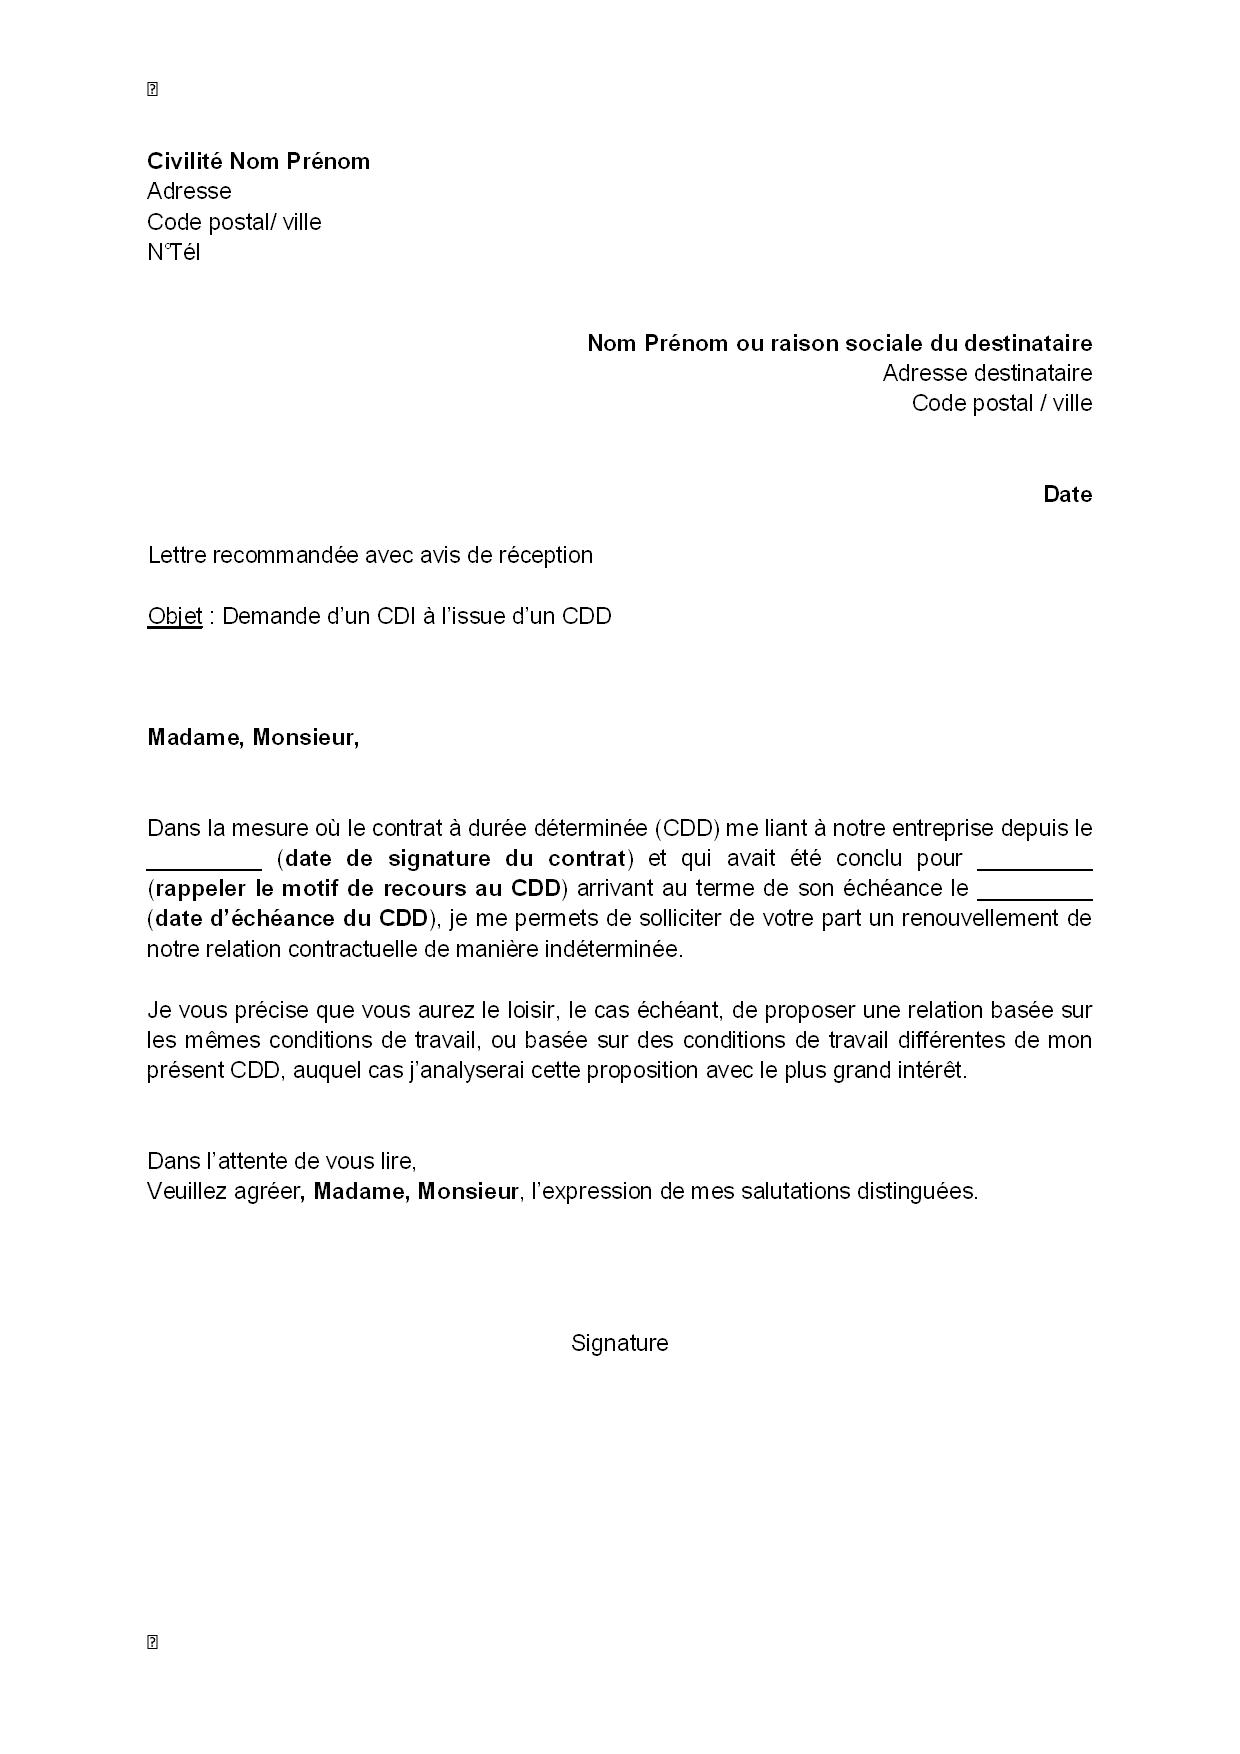 Exemple Gratuit De Lettre Demande Un Cdi A Issue Un Cdd